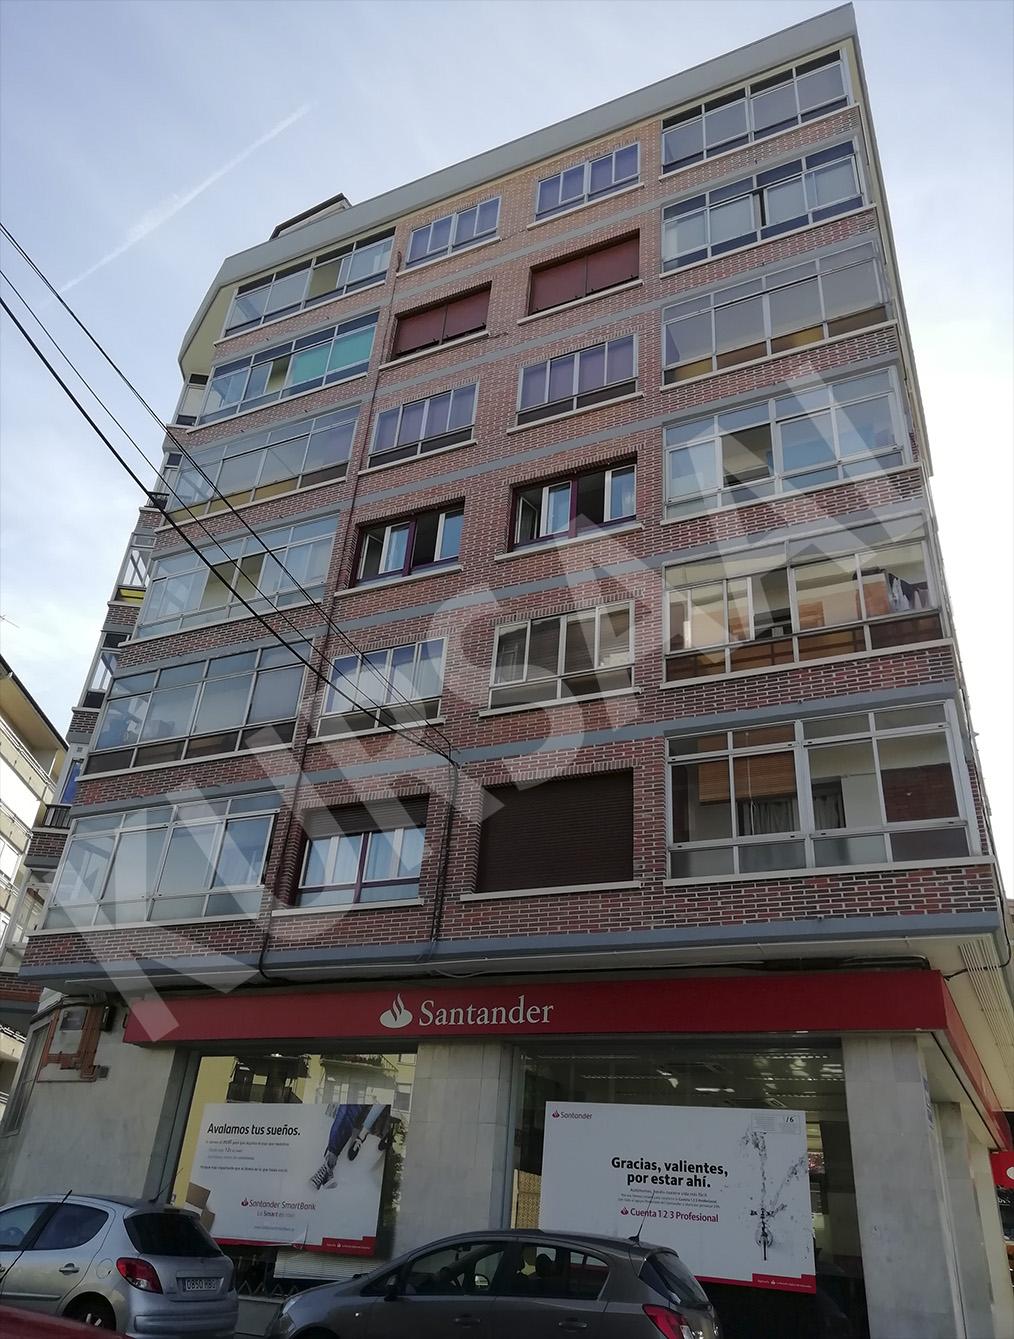 trabajo realizado en: Restauración y patrimonio-RESTAURACIÓN-IRUN, GIPUZKOA-Renteria 1 -